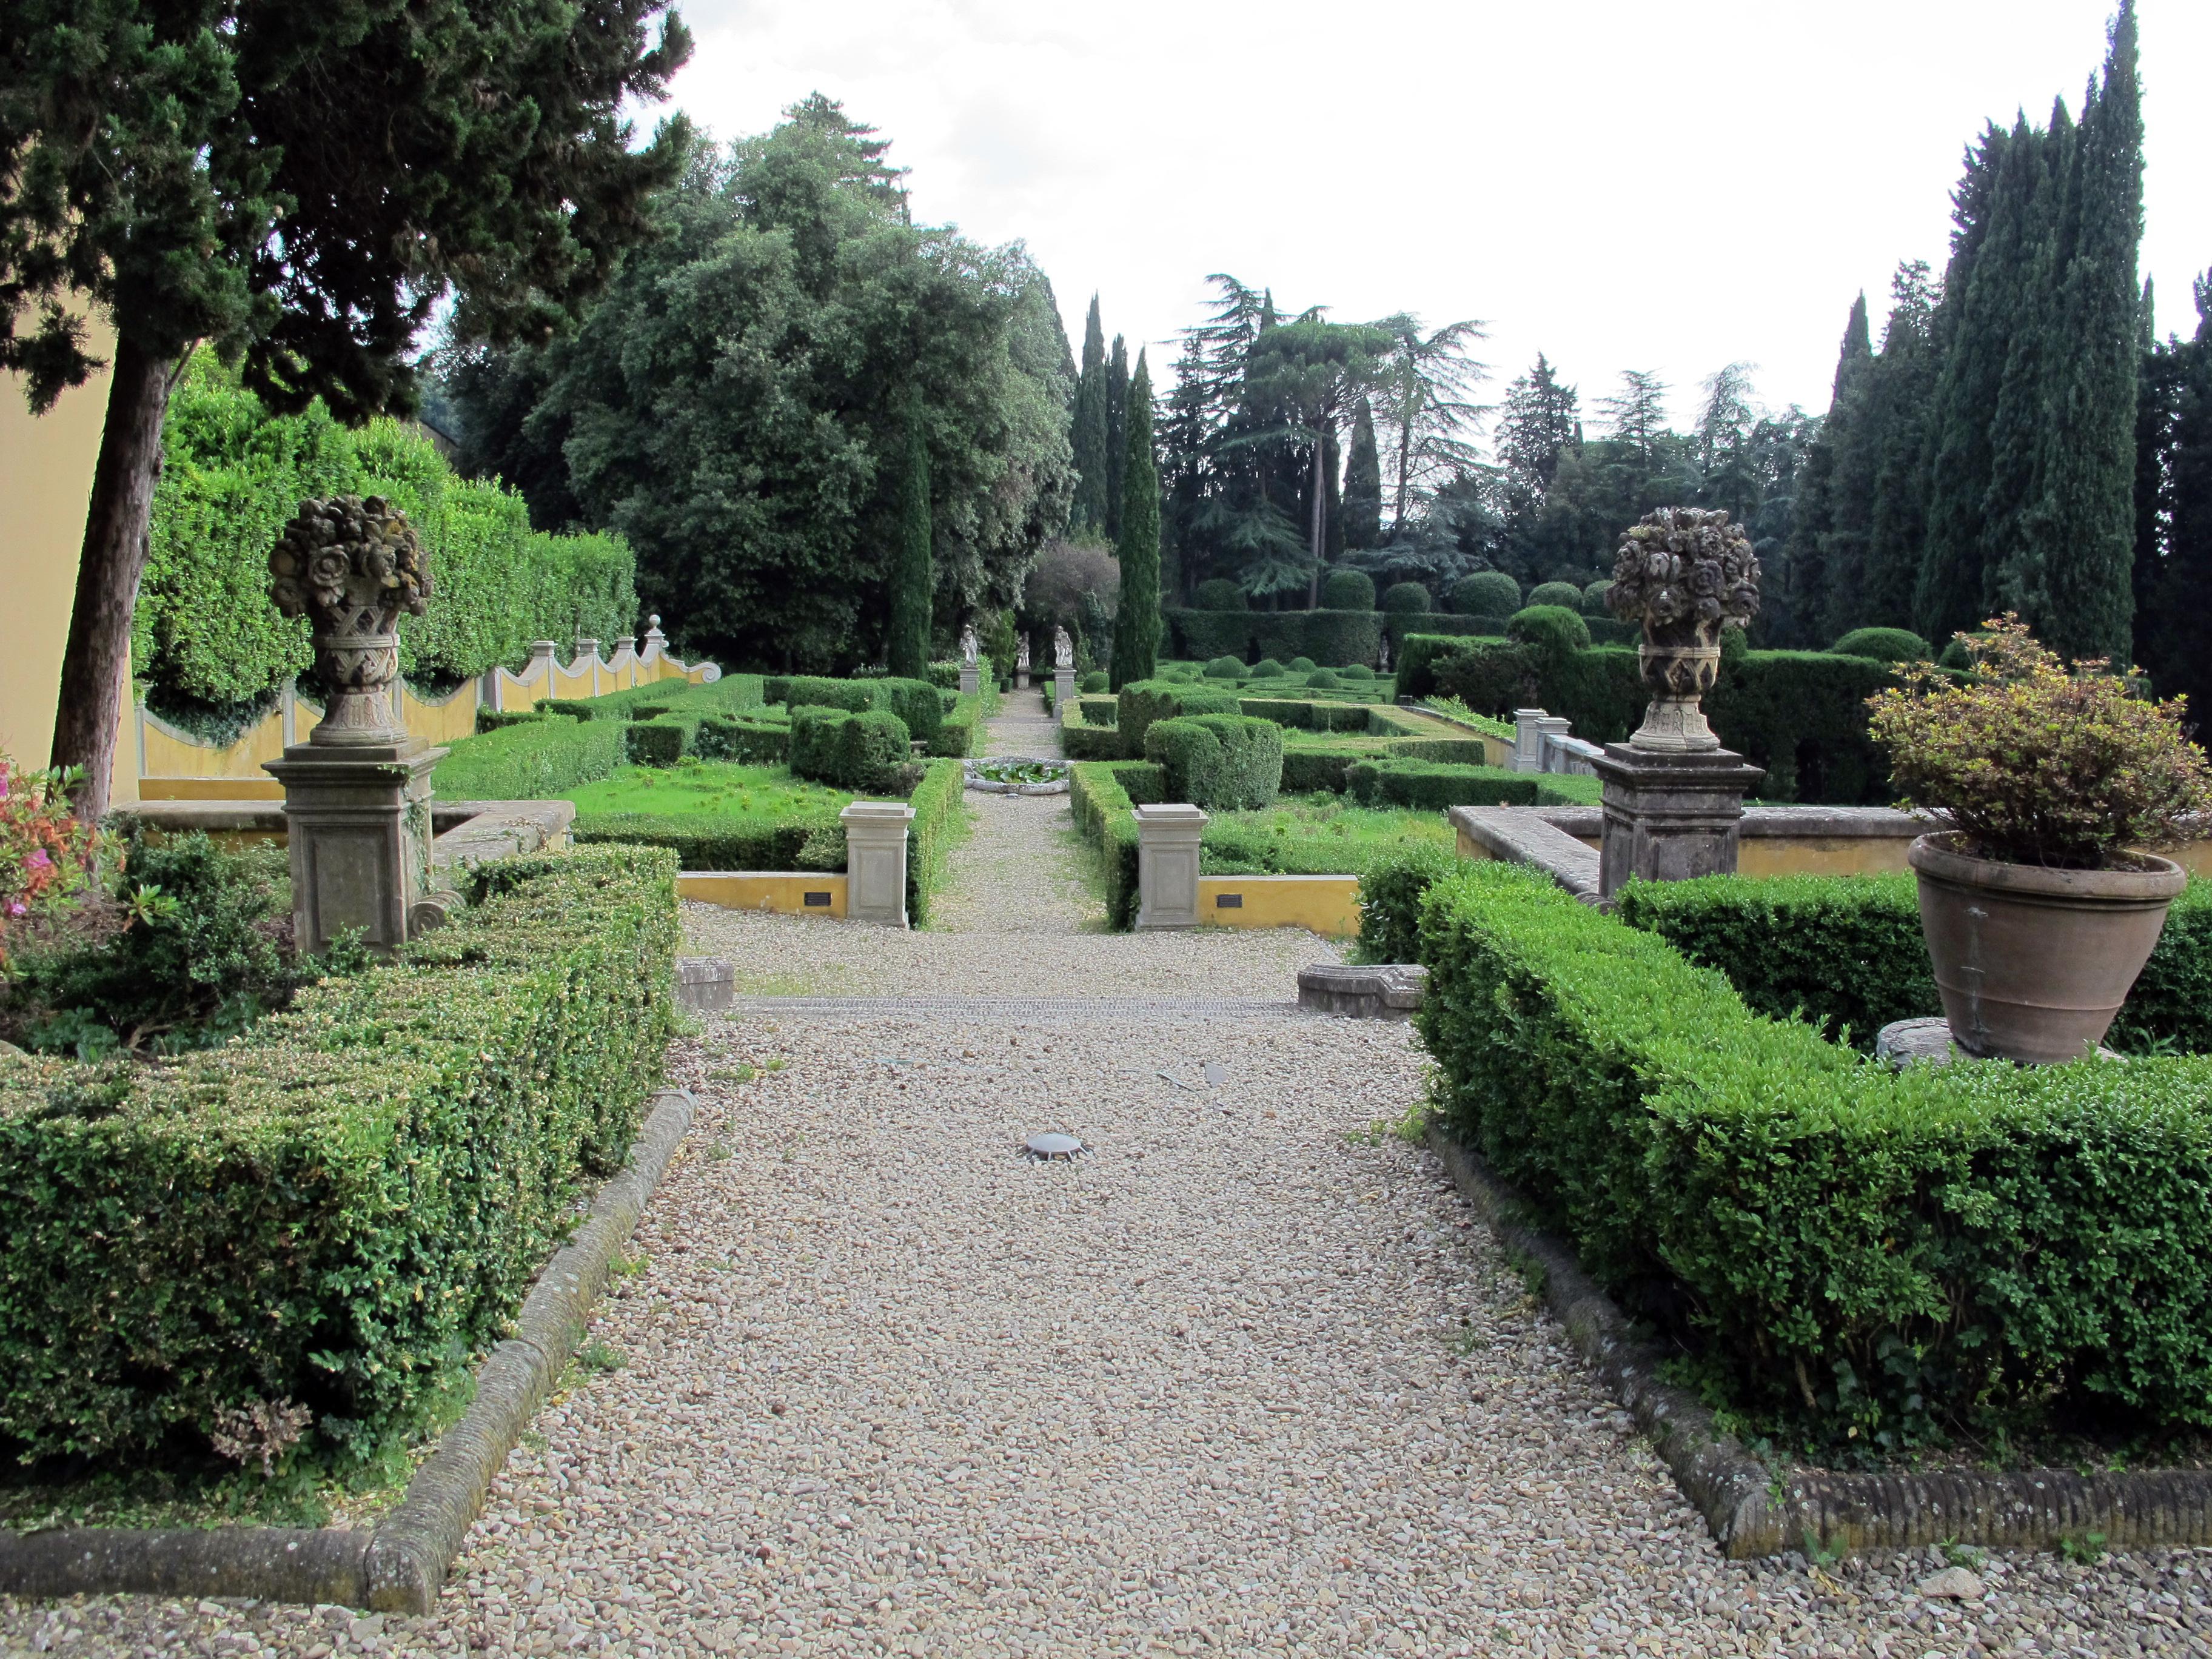 File:Villa schifanoia, giardino, prima terrazza 02.JPG - Wikimedia ...